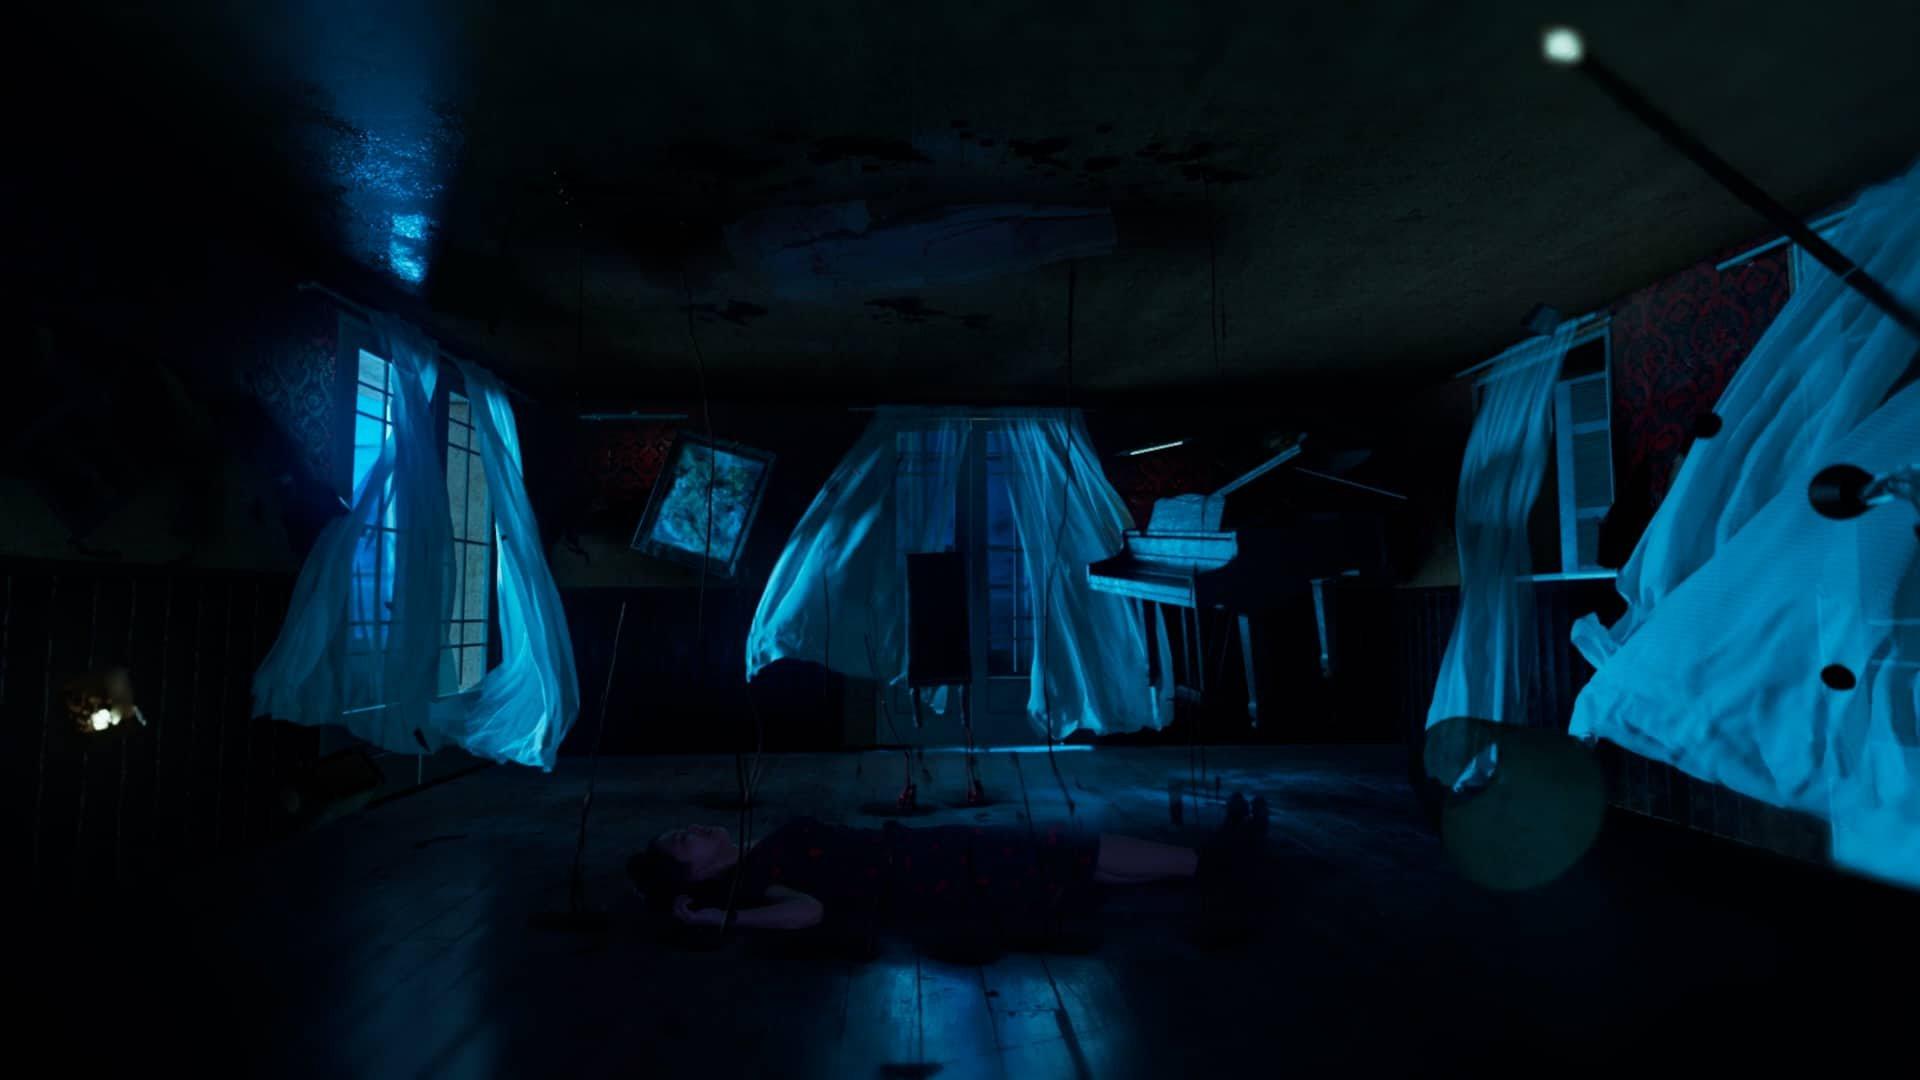 Liên Bỉnh Phát - Yu Dương lần đầu nên duyên trong phim điện ảnh kinh dị chiếu mạng - 1